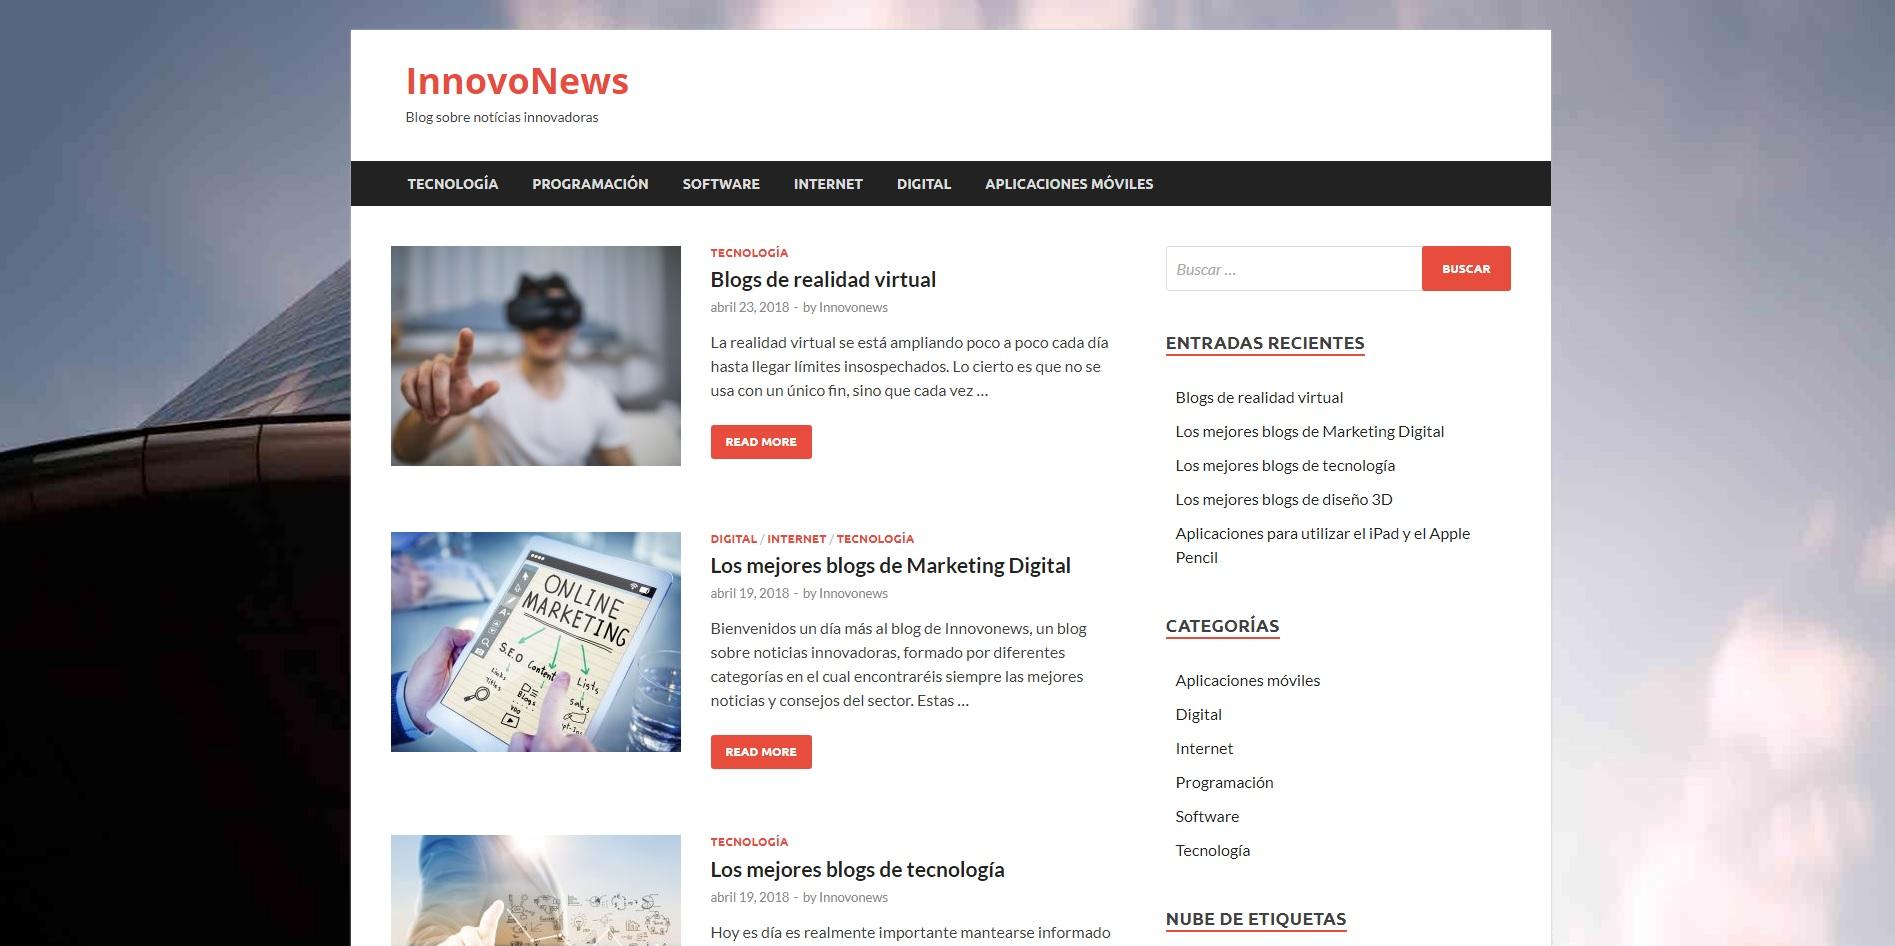 Los mejores blogs de tecnología